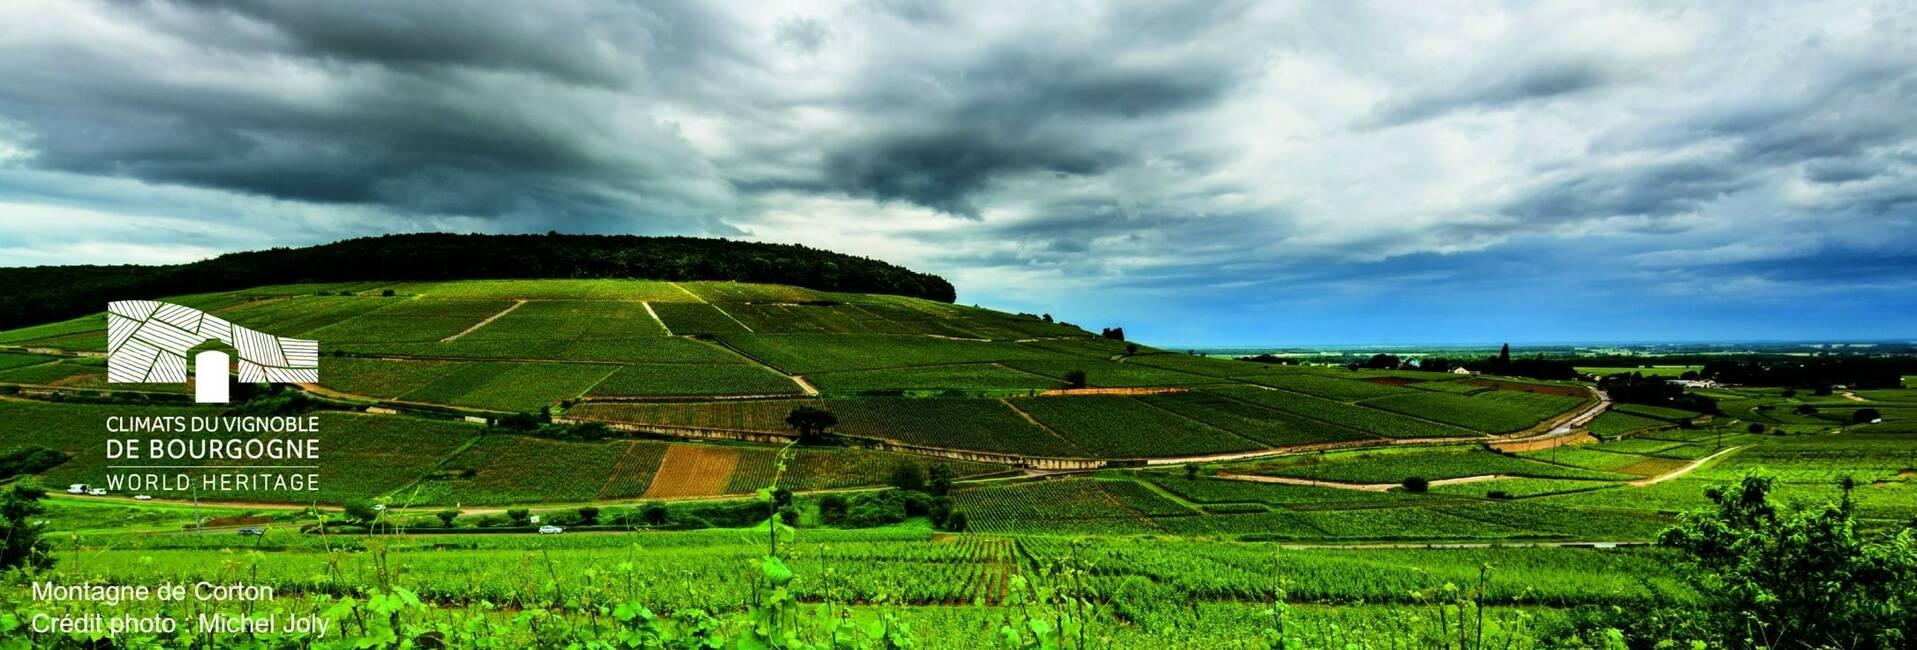 """Die Weinberge der Region - """"Climats de Bourgogne » - jetzt UNESCO-Welterbe. Montagne de Corton"""